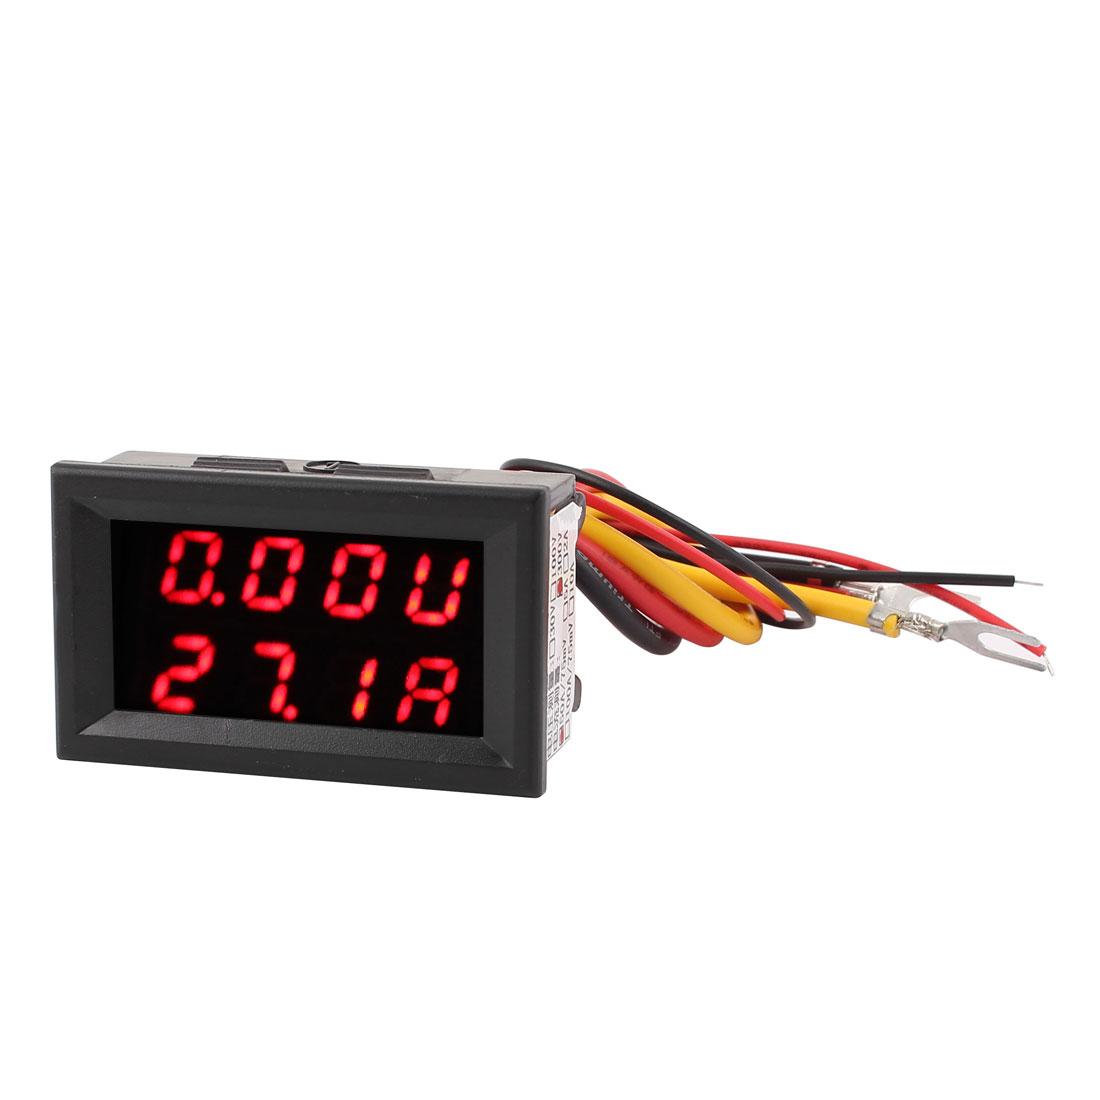 DC 0-300V 0-50A Red LED Dual Digital Display Panel Voltmeter Ammeter Meter